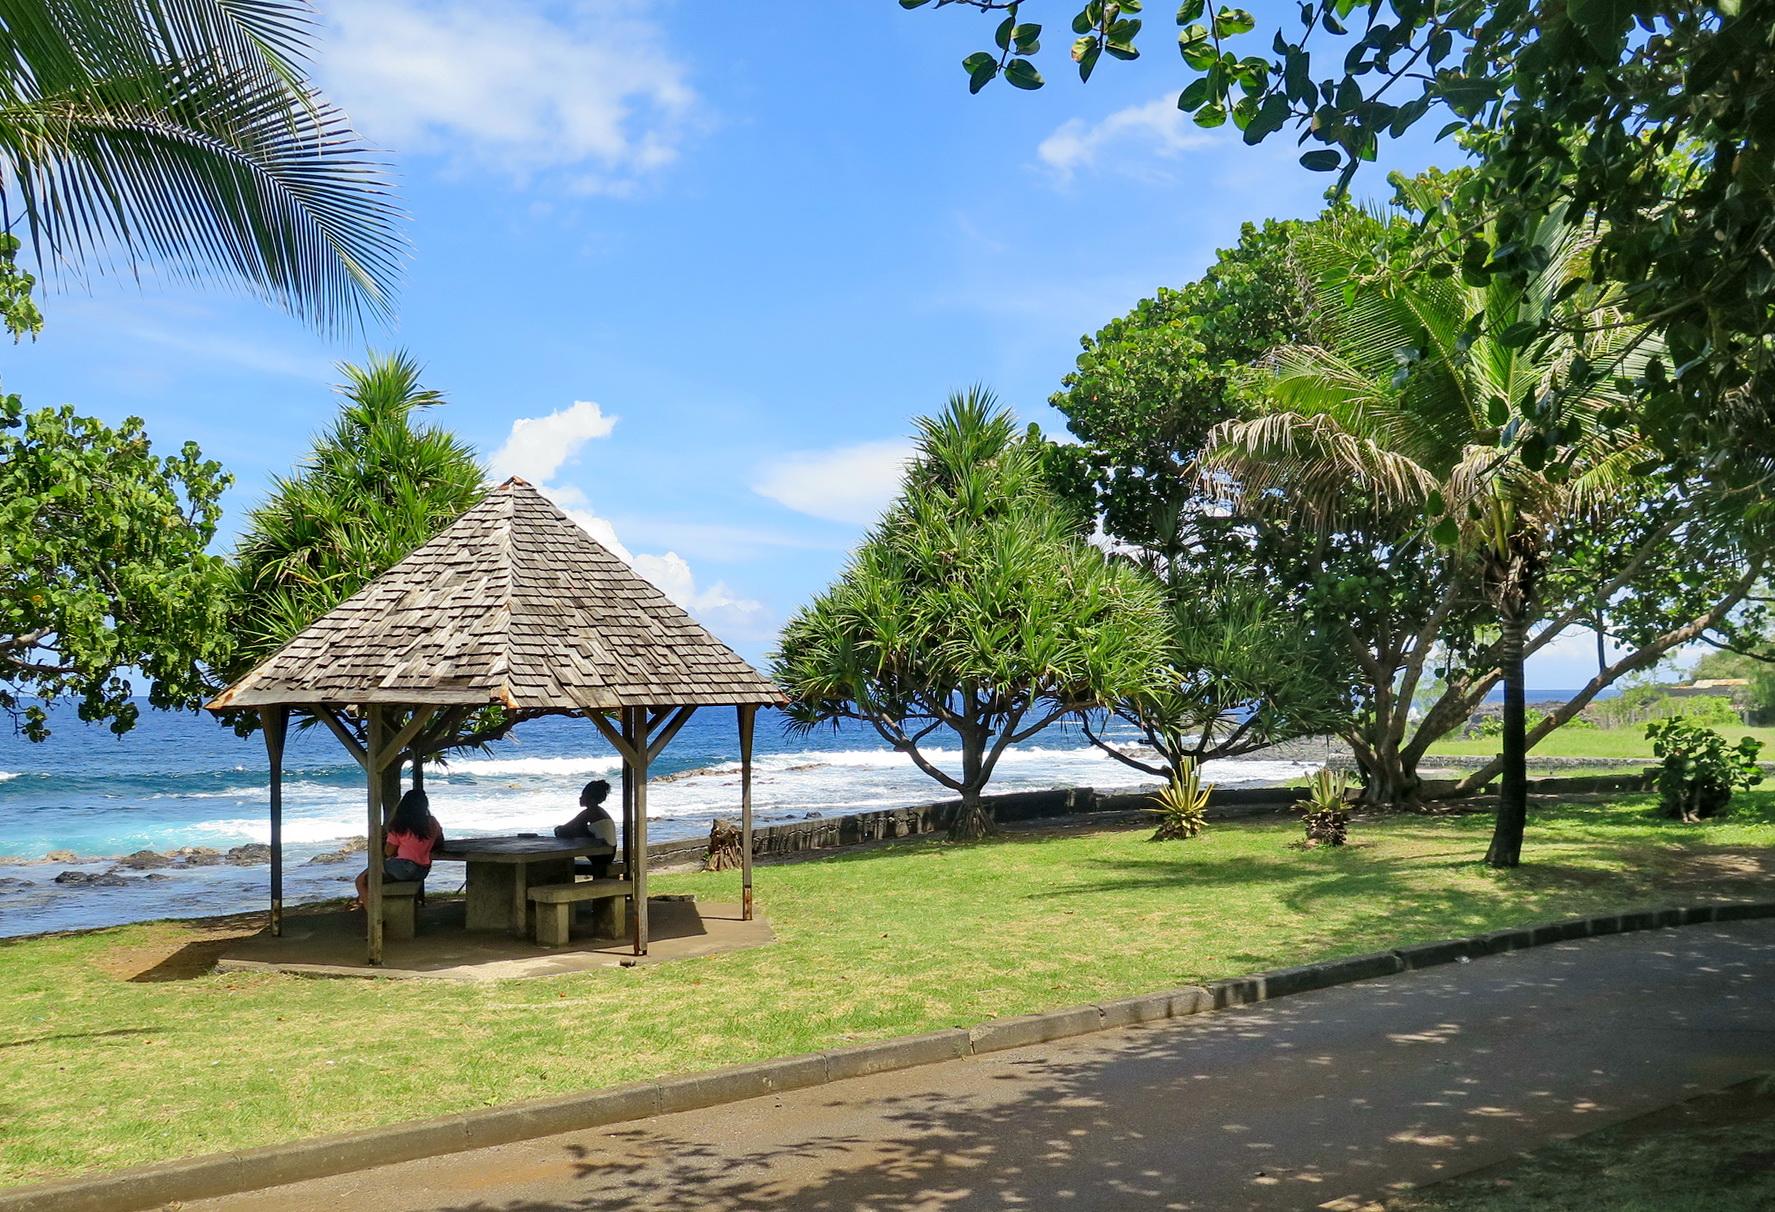 [Vie des ports] Les ports de la Réunion - Page 6 926241petiteile1047